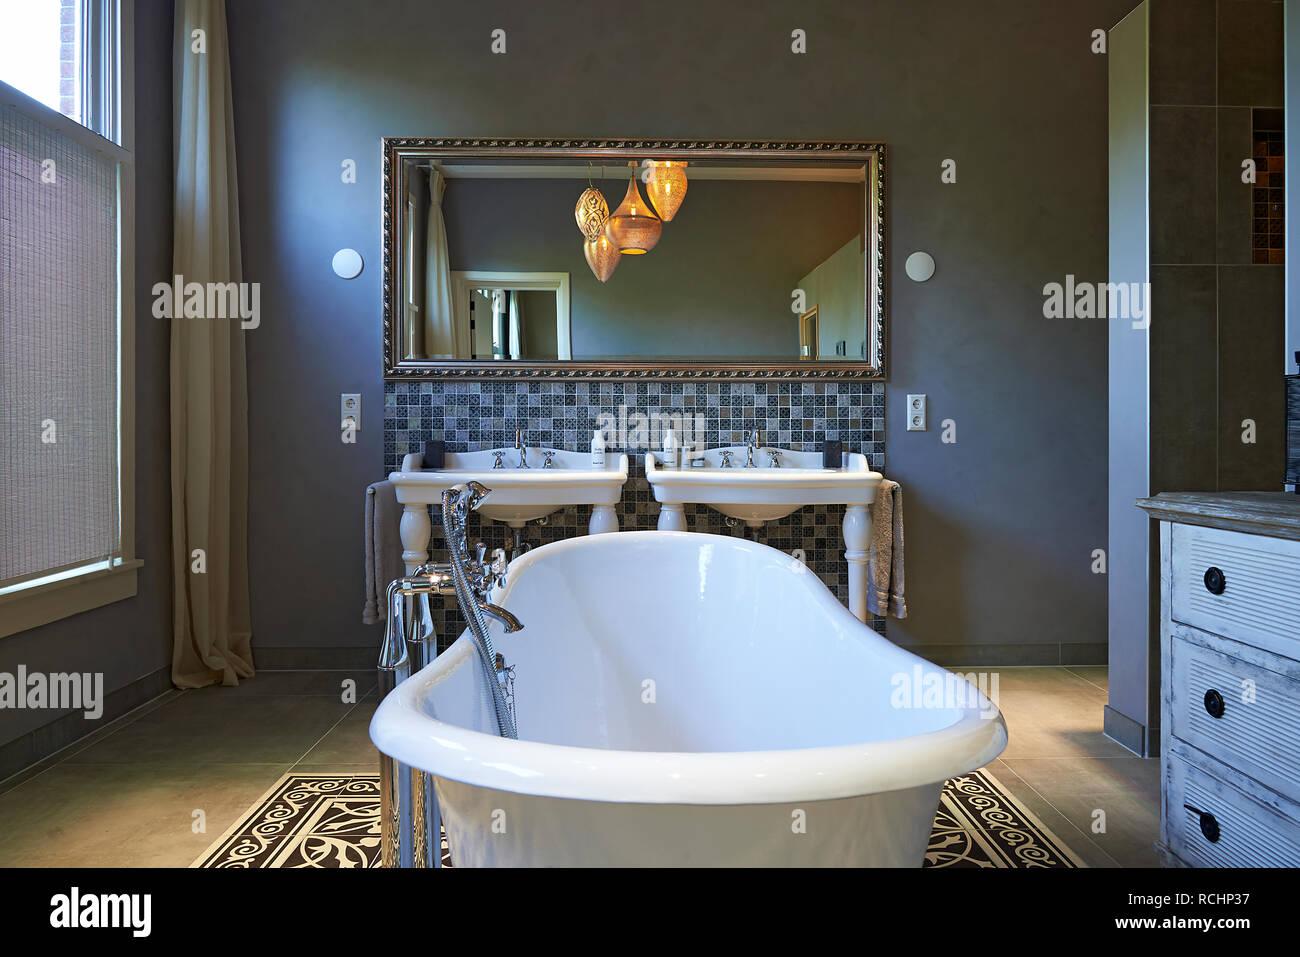 Erstaunlich Freistehende Badewanne In Einem Designer Badezimmer